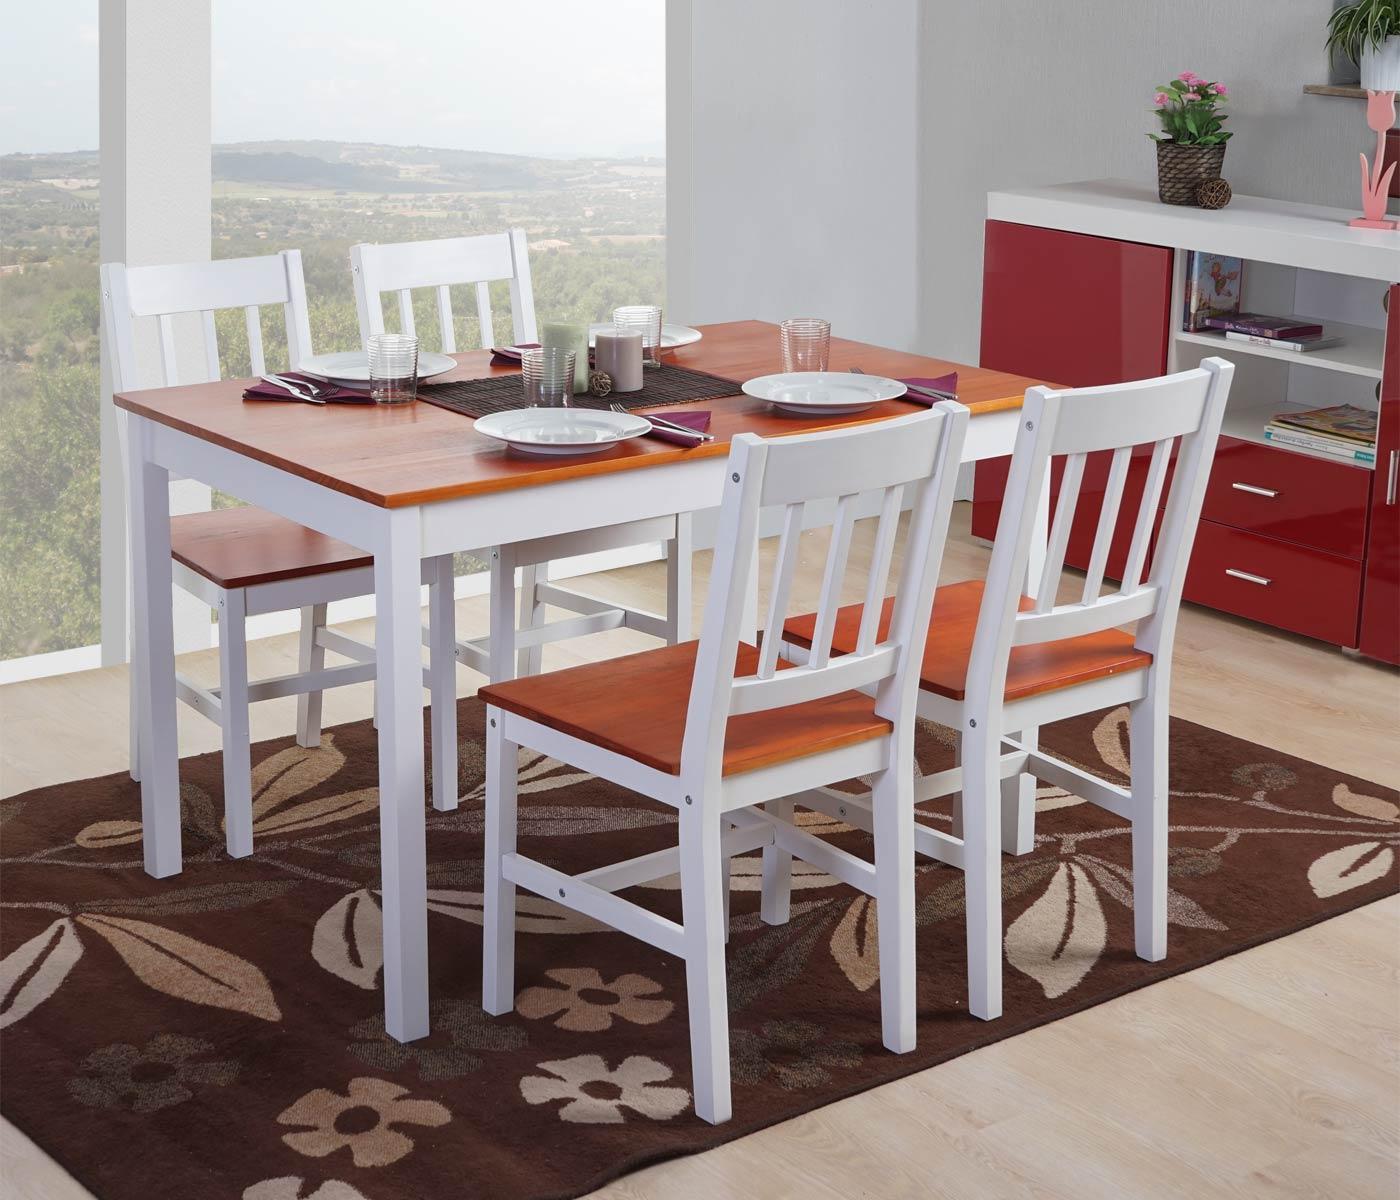 Conjunto mesa 4 sillas de cocina o comedor nerja en for Sillas de cocina comedor